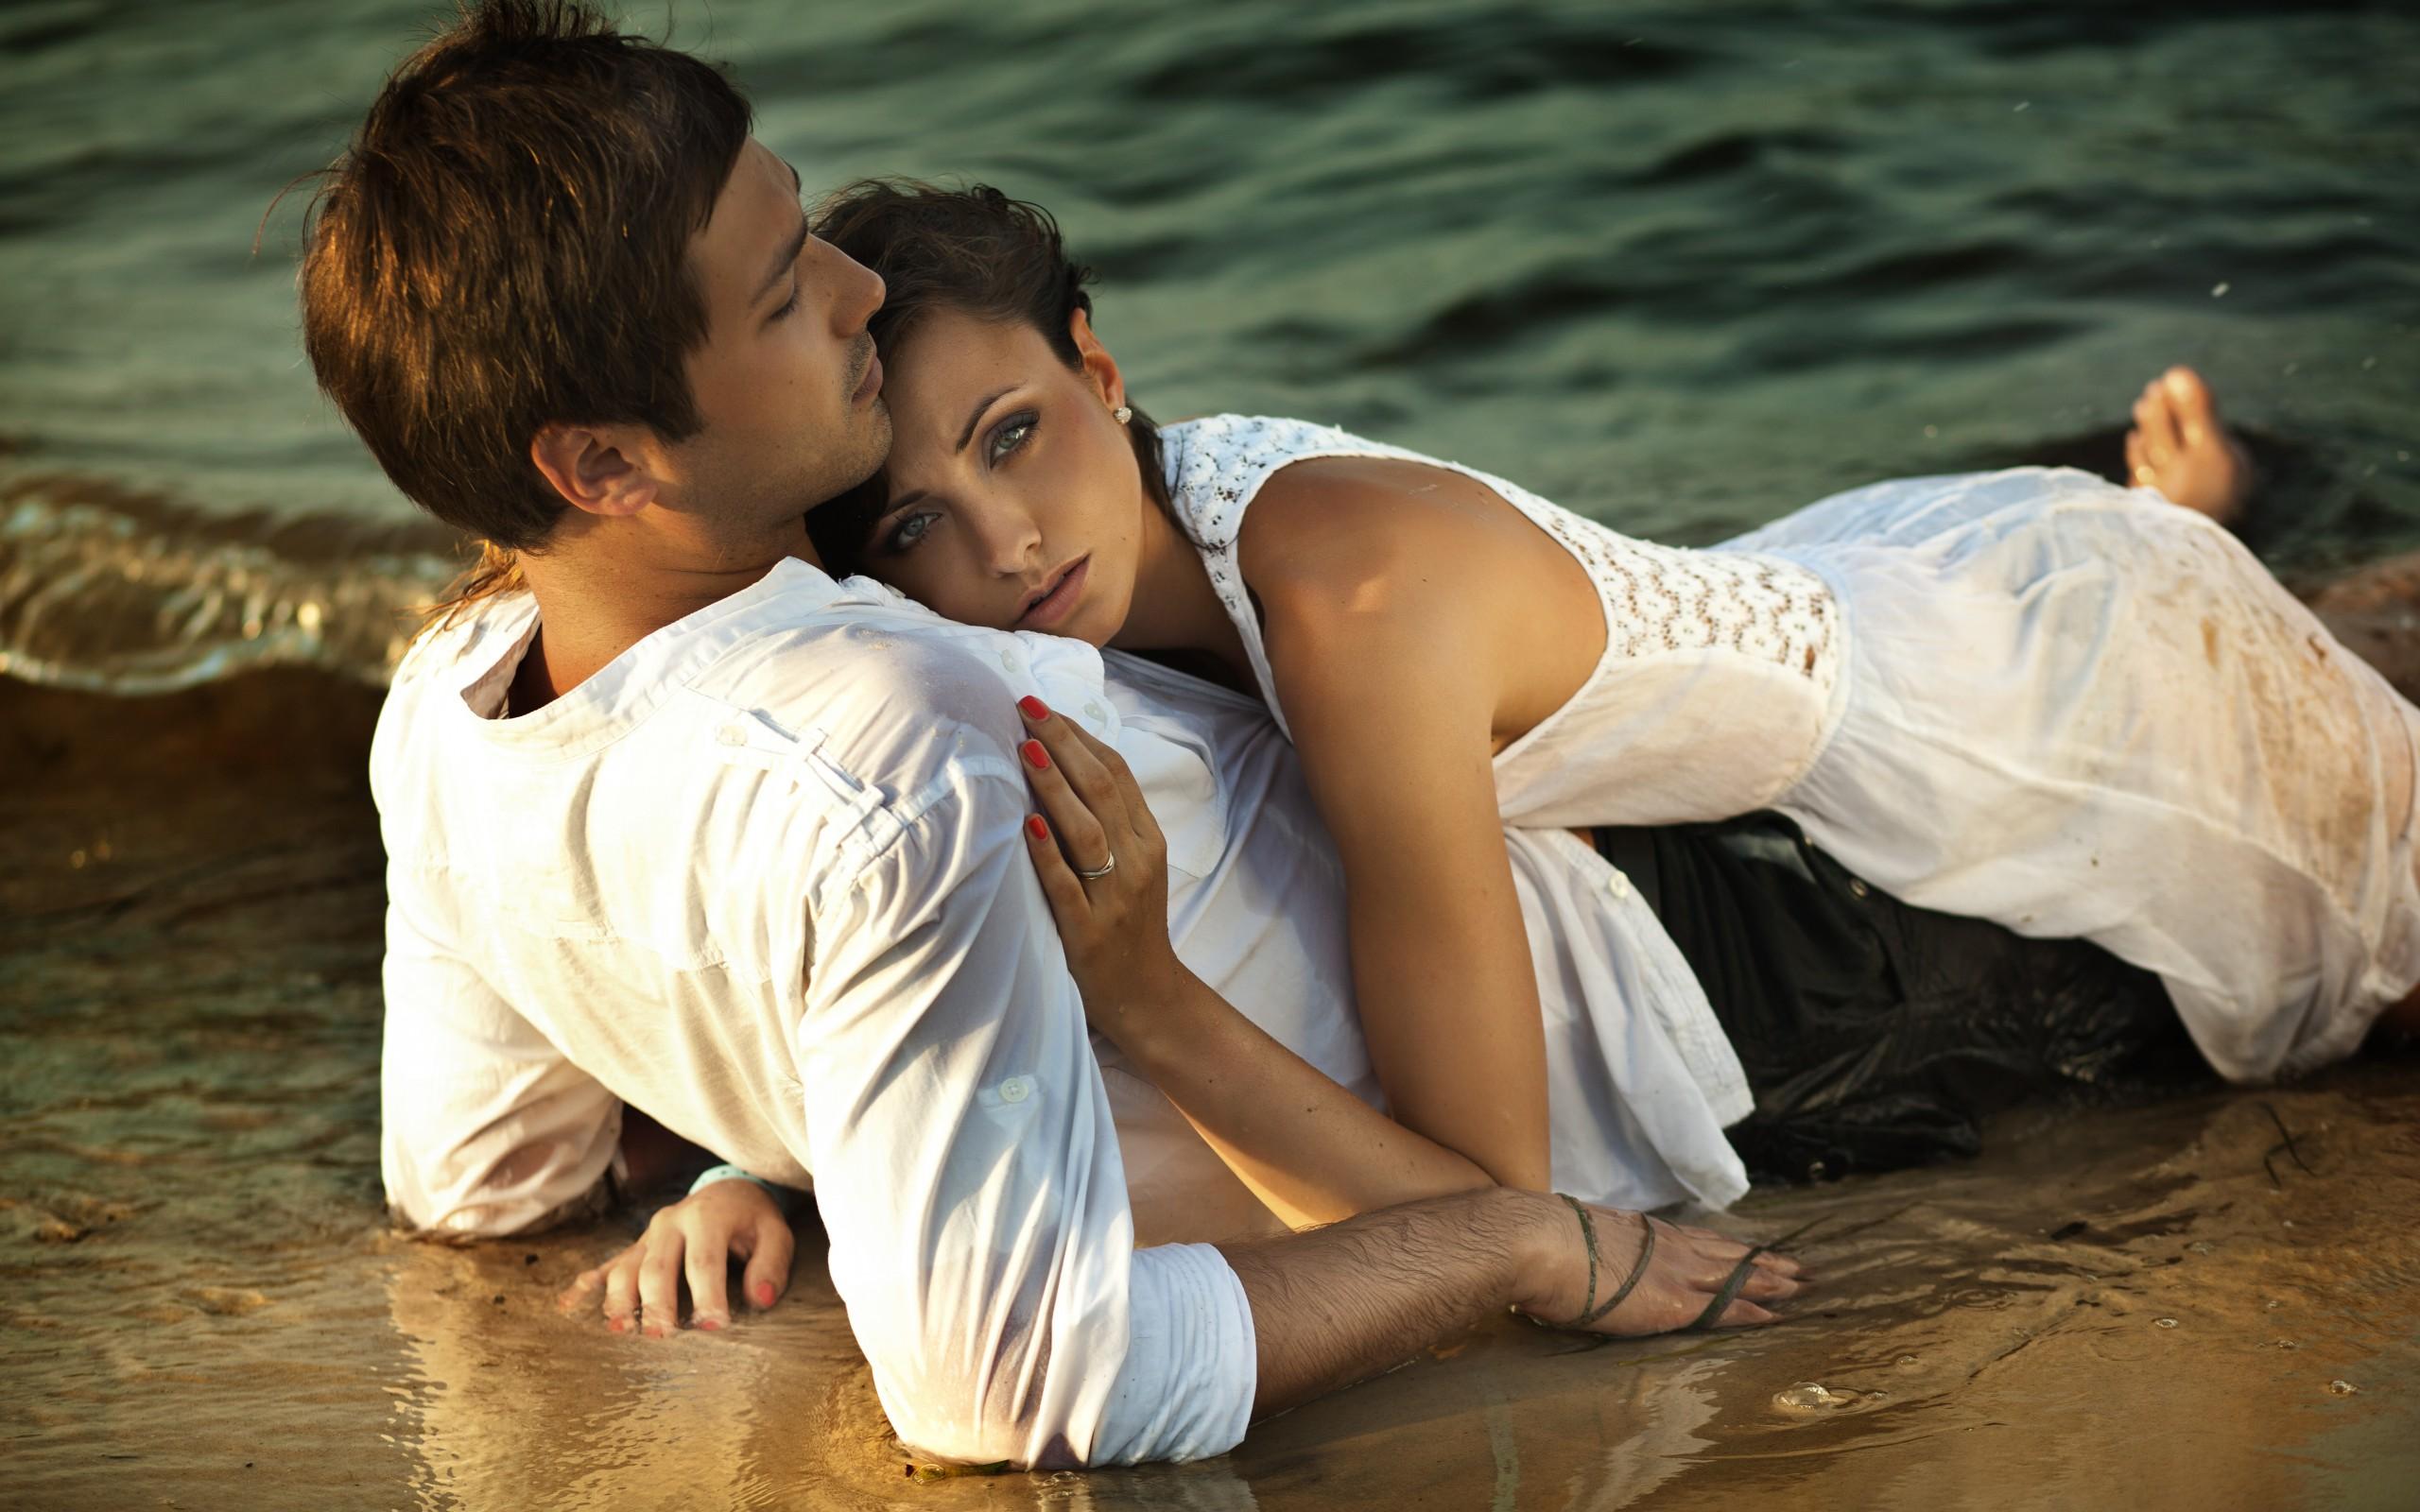 Фото девушки и парня на пляже 27 фотография